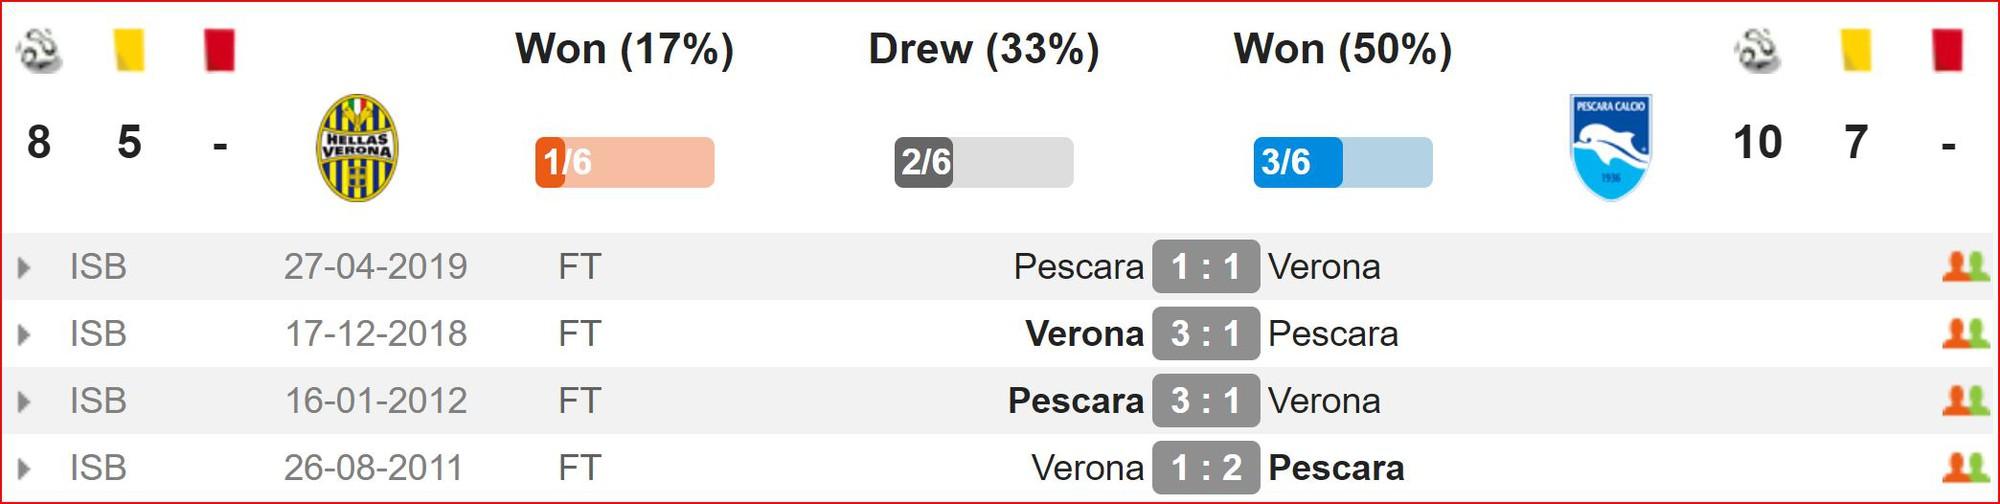 Nhận định Verona vs Pescara (2h00, 23/5) Play-offs lên hạng Serie A: Cơ hội cho đội khách - Ảnh 2.